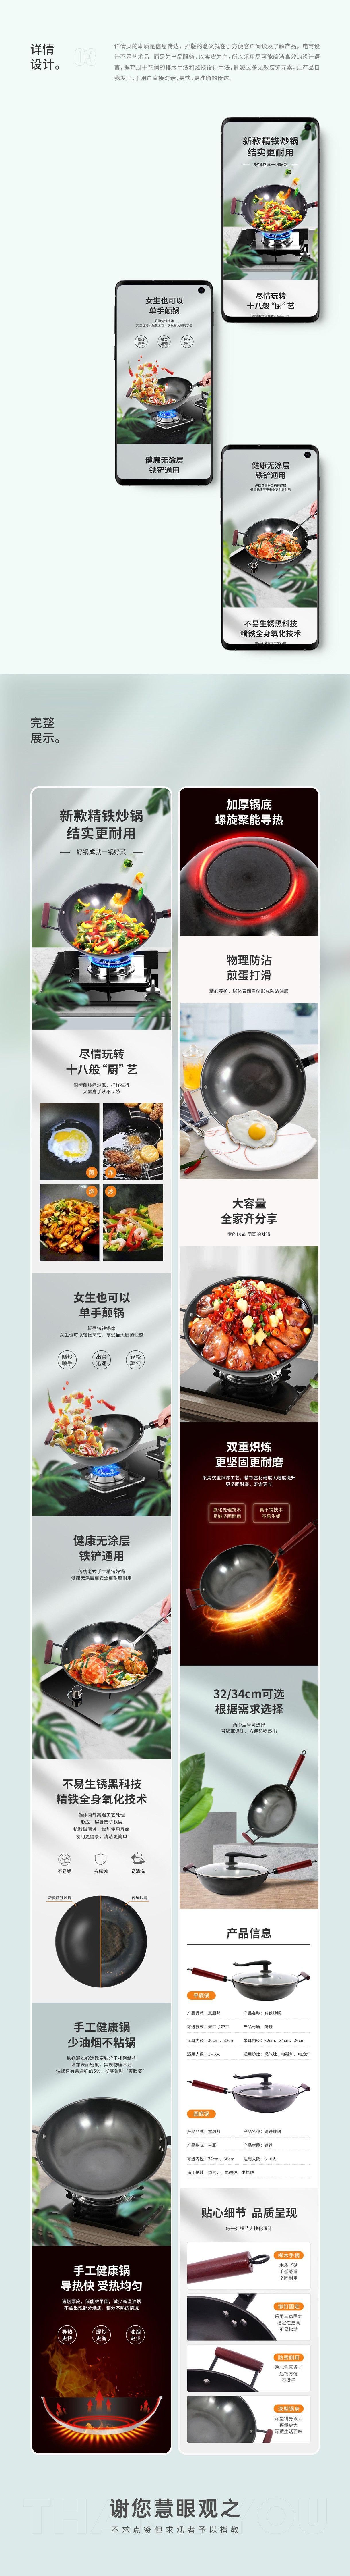 铸铁炒锅详情页设计